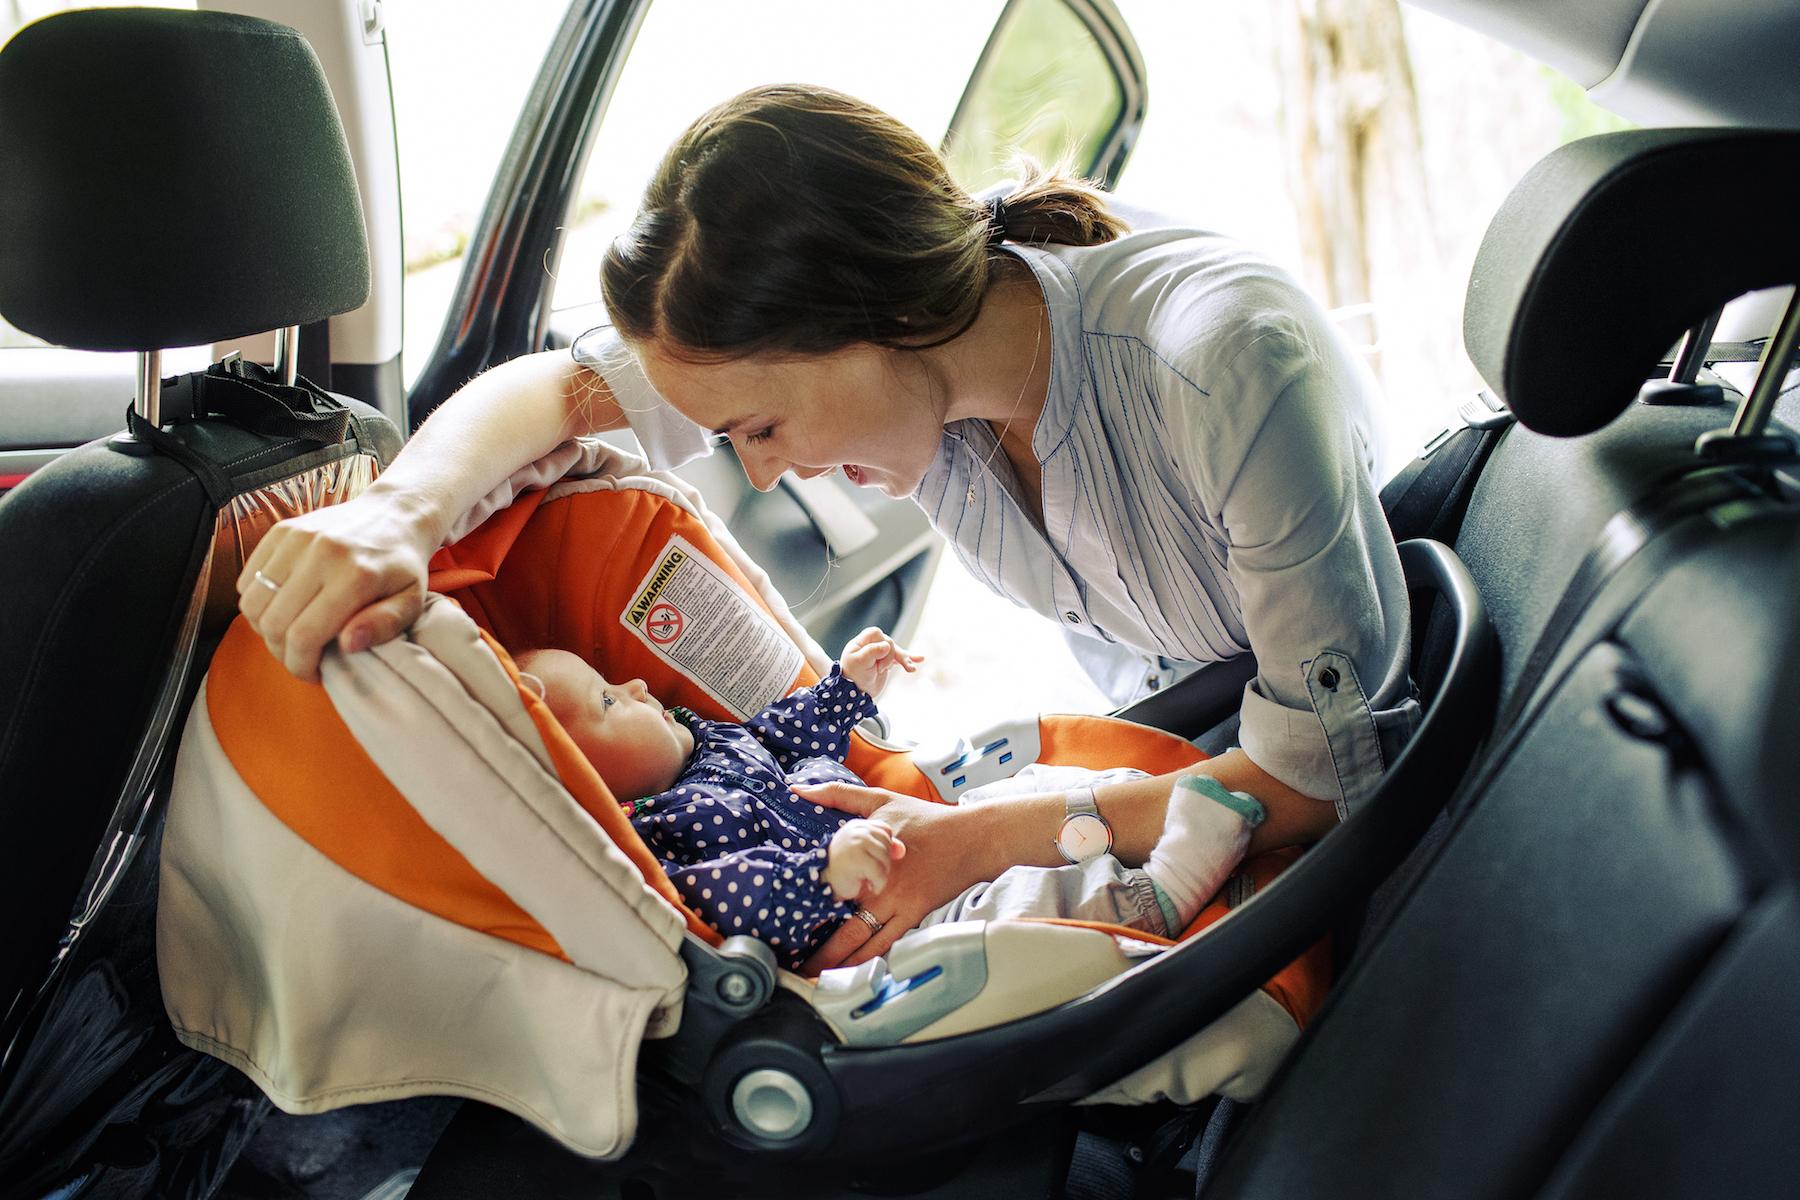 una madre en un auto ajustando el cinturón de seguridad del asiento del bebé.